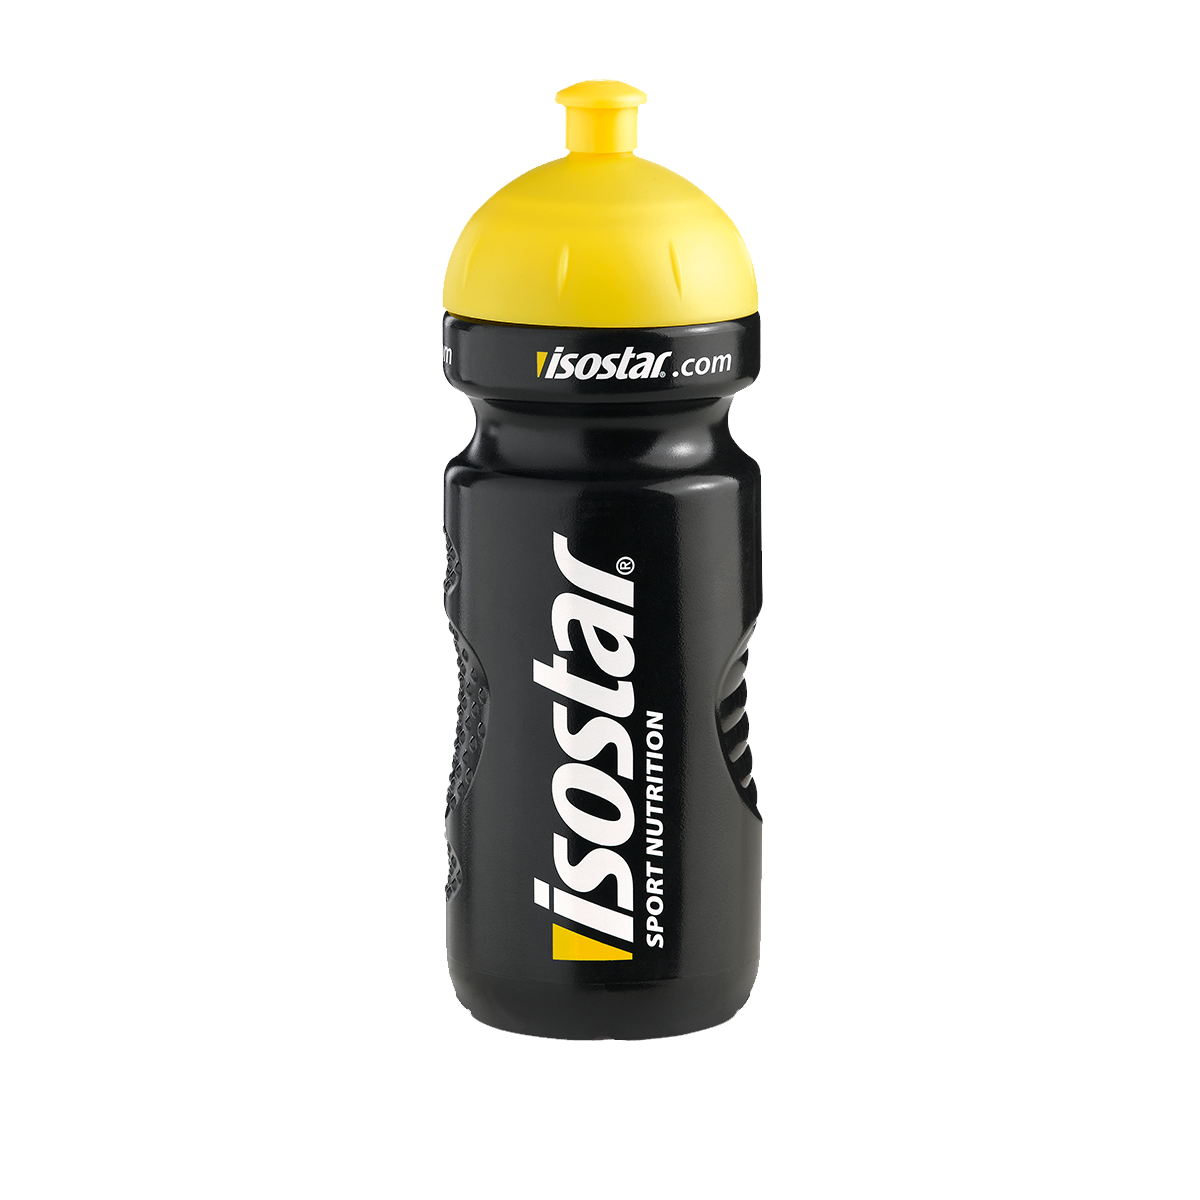 Isostar Bidon 650 ml gelb 1 Stk.